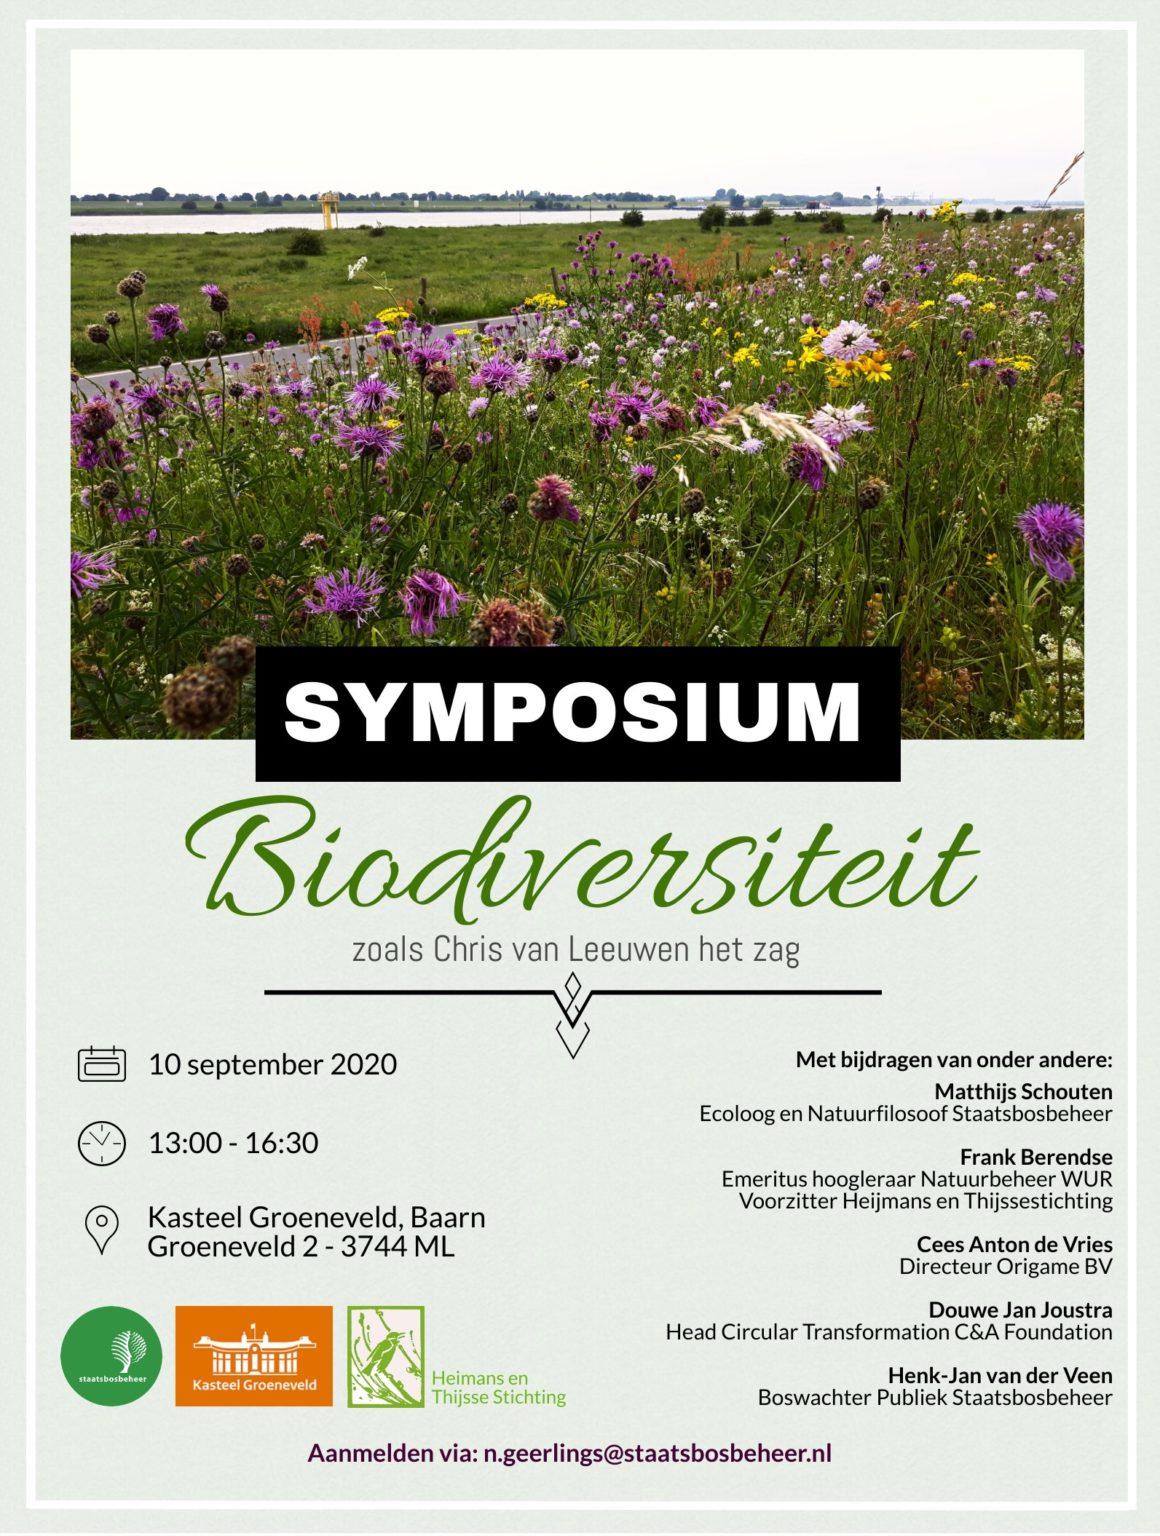 Symposium 'Biodiversiteit zoals Chris van Leeuwen het zag' 10-09-2020